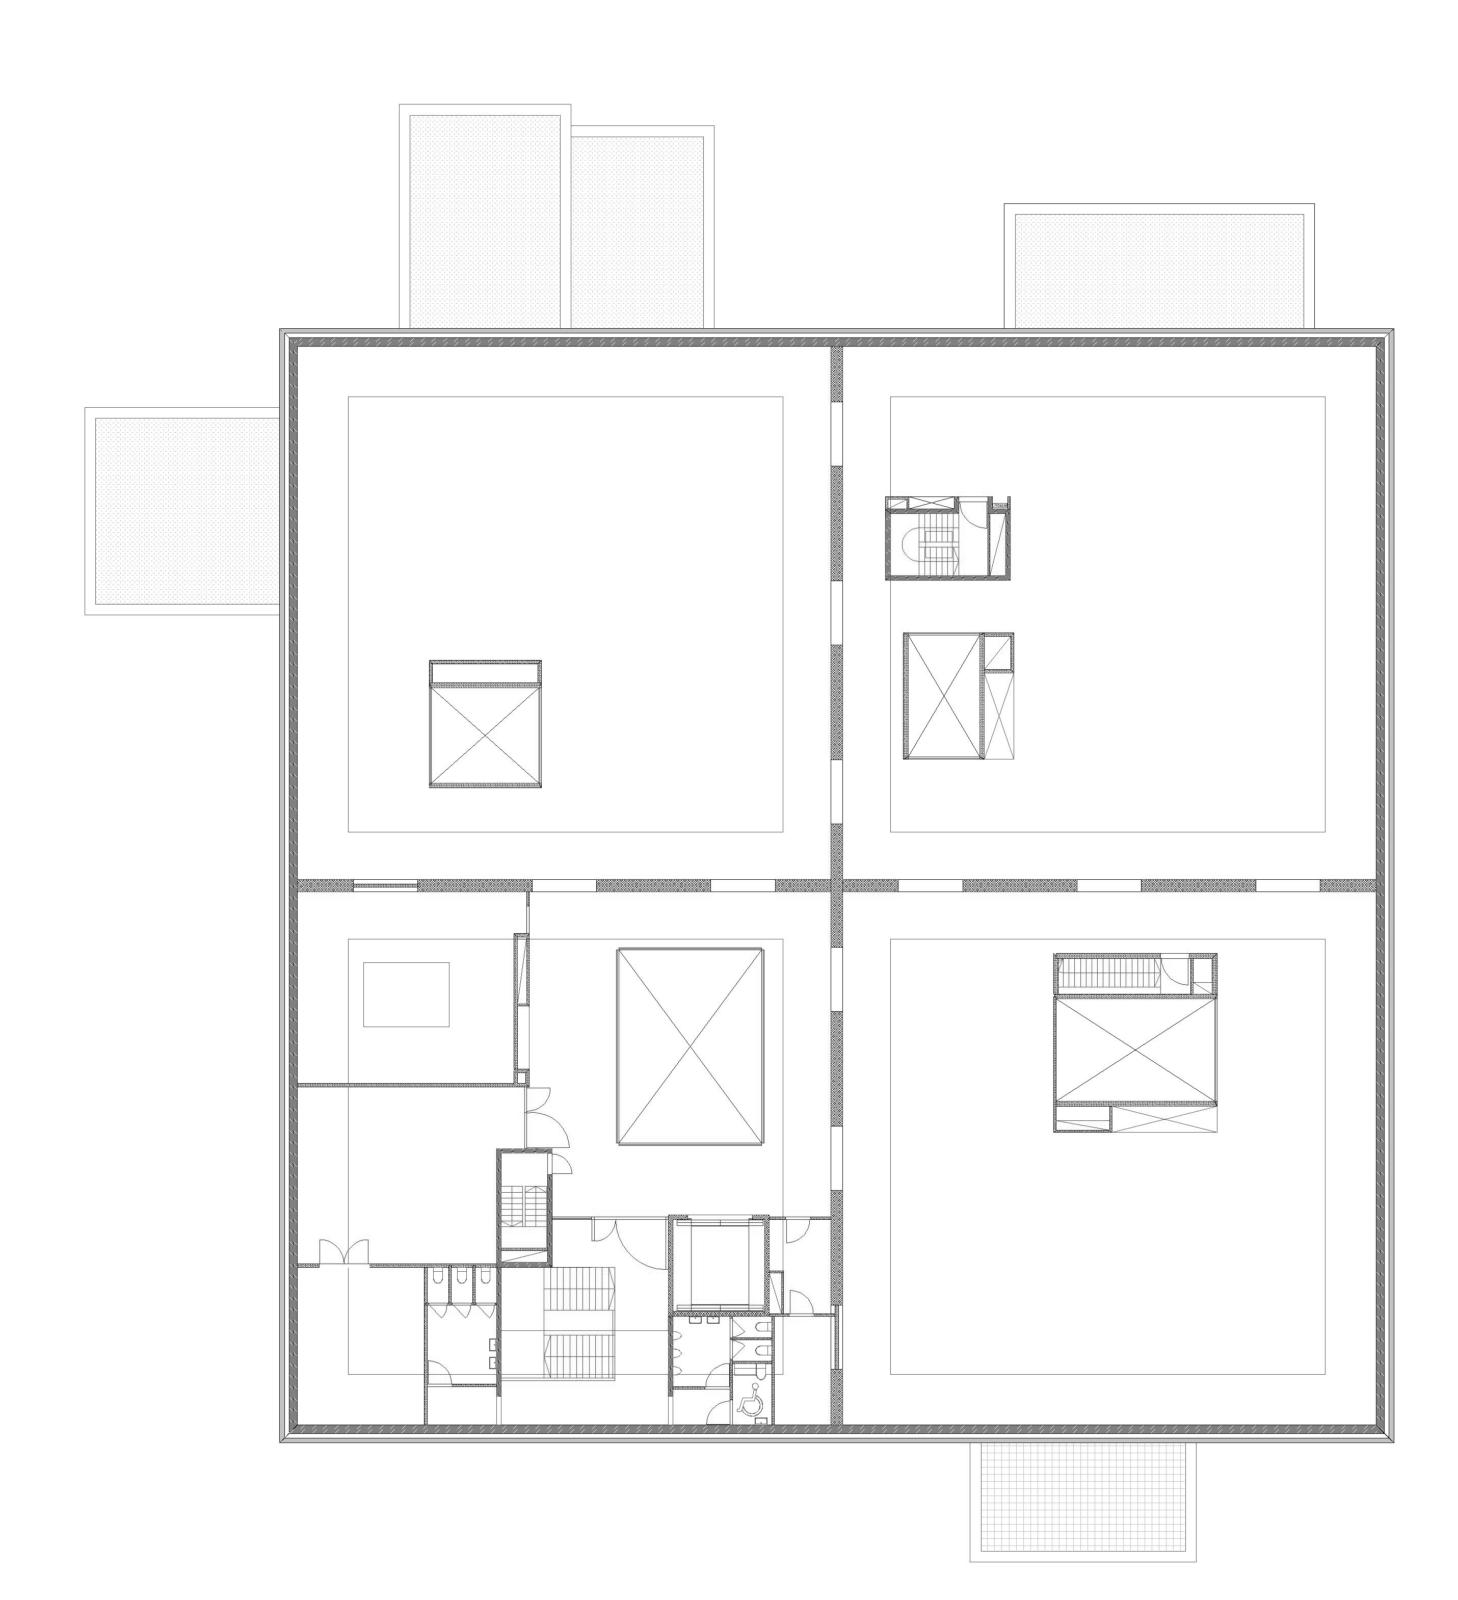 Plan tweede verdieping